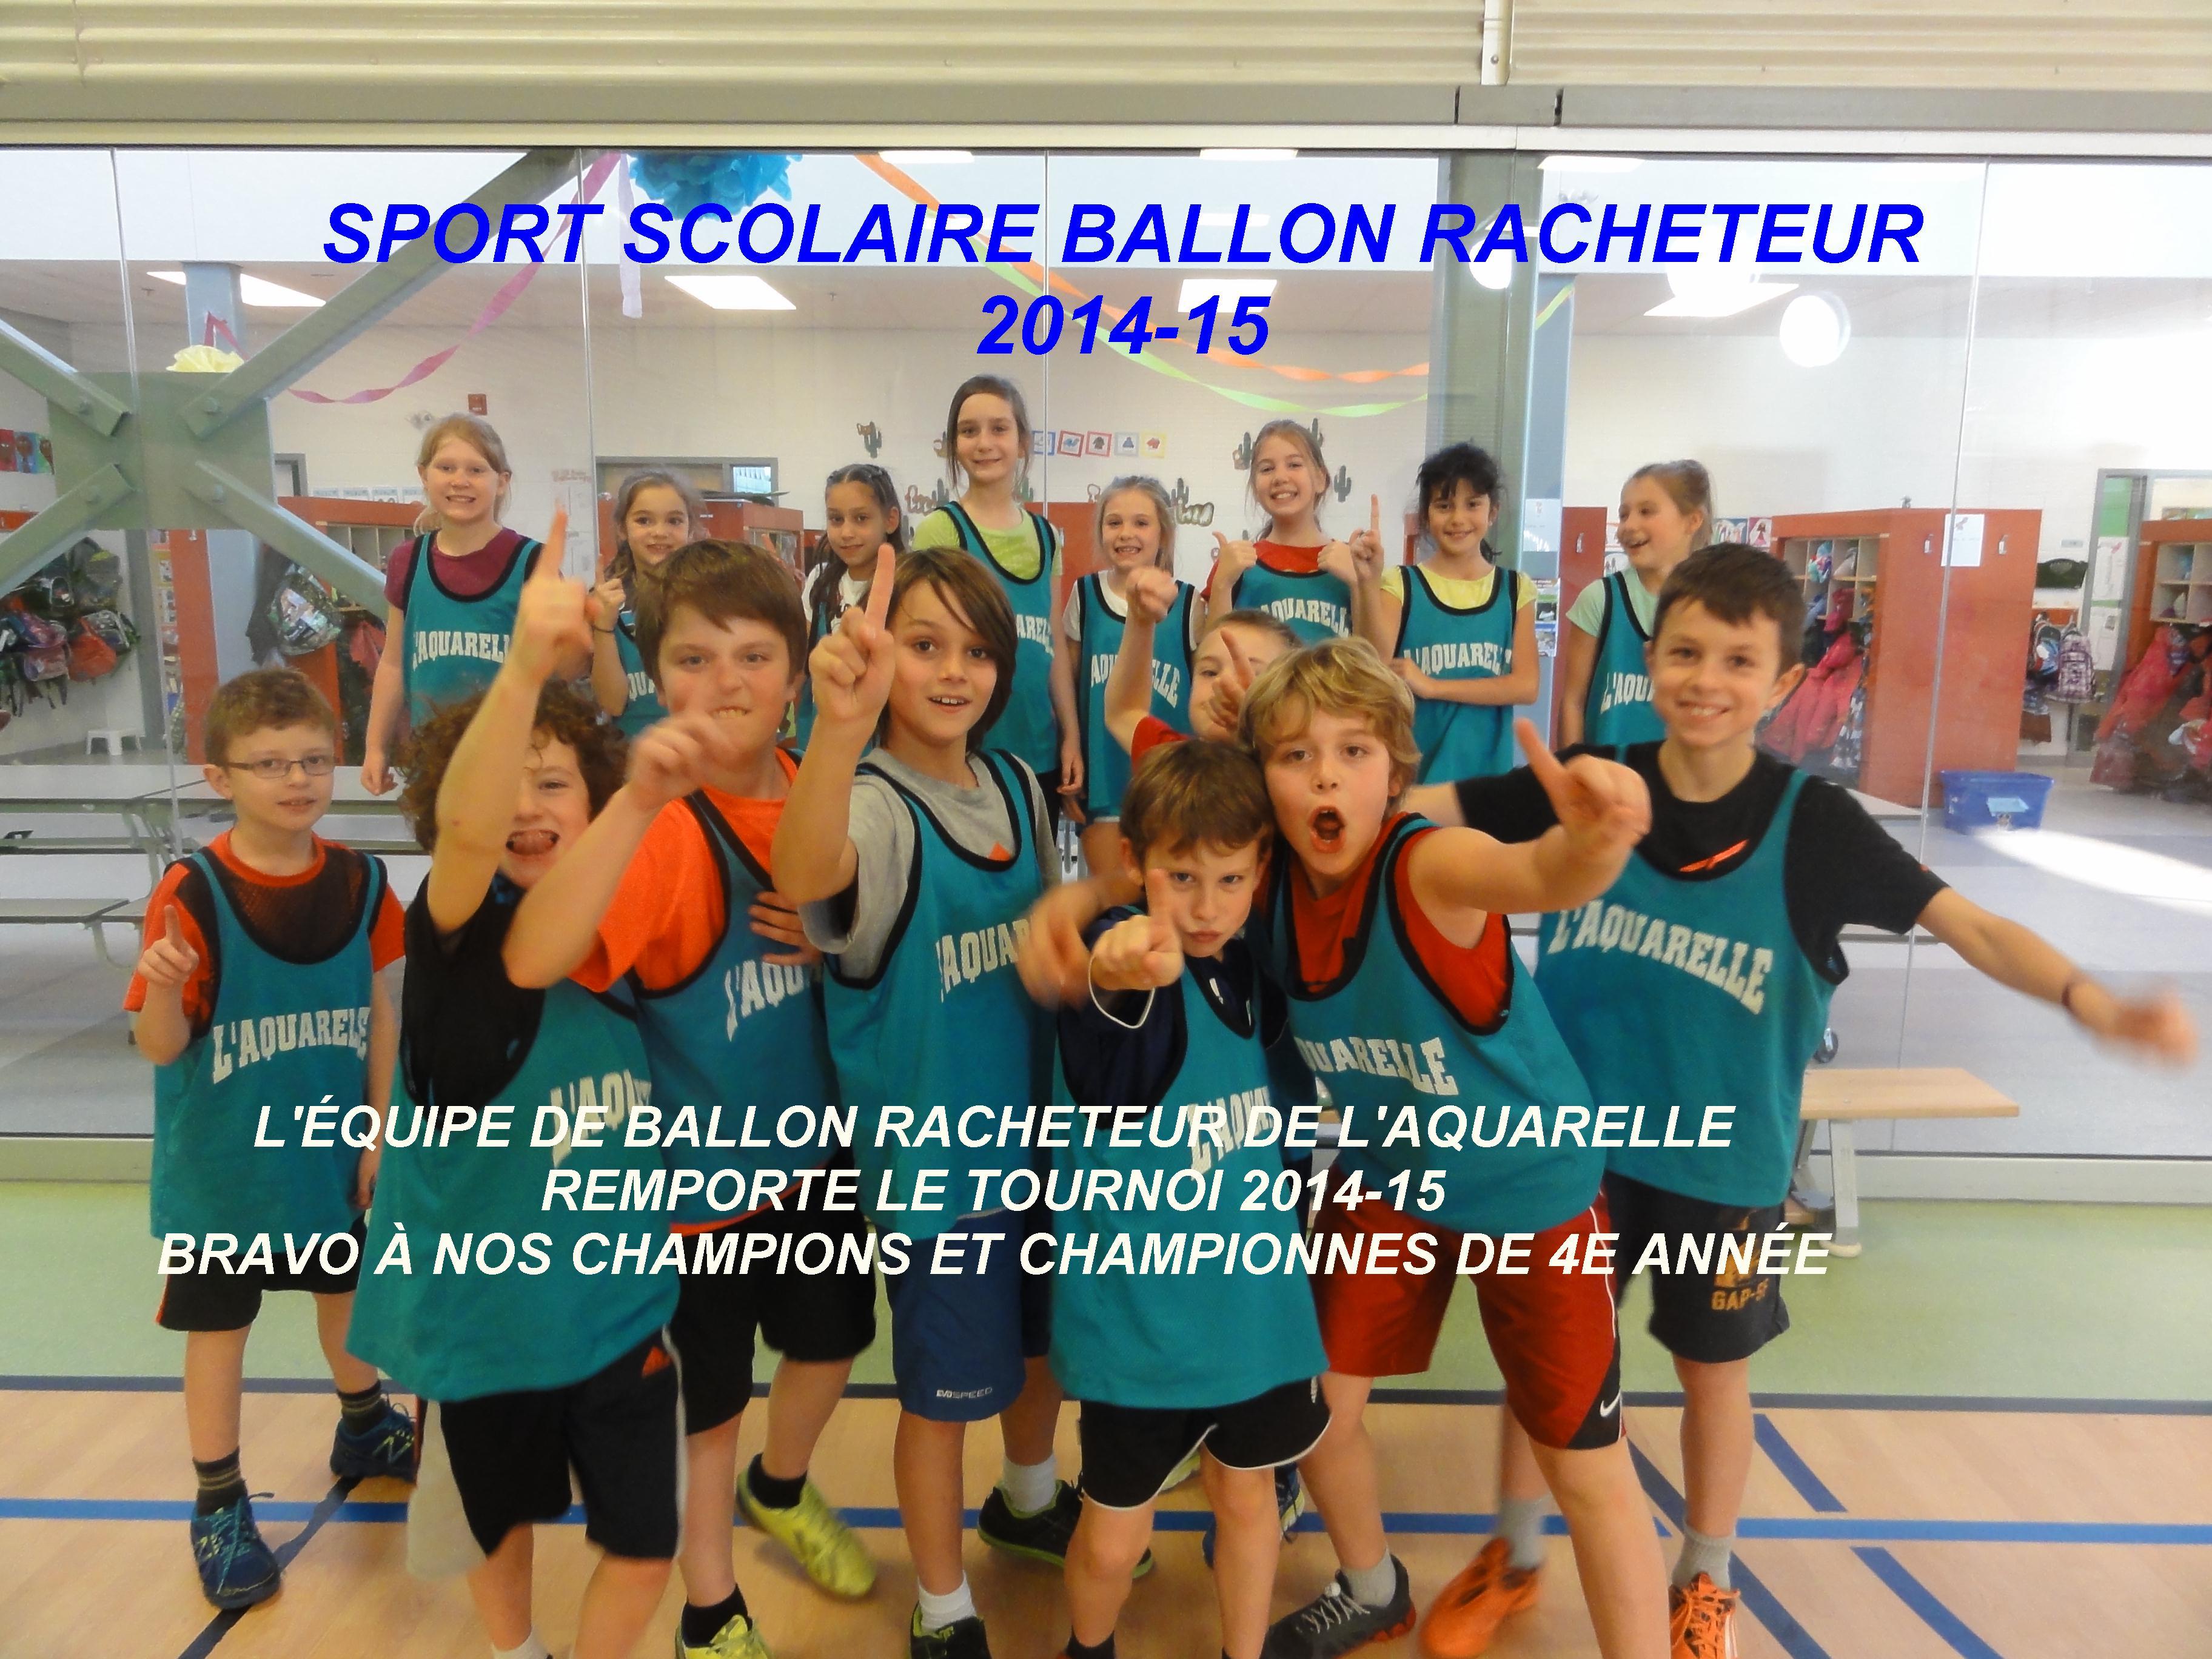 Nouvelles Et Photos Des Dernieres Semaines Ecole De L Aquarelle